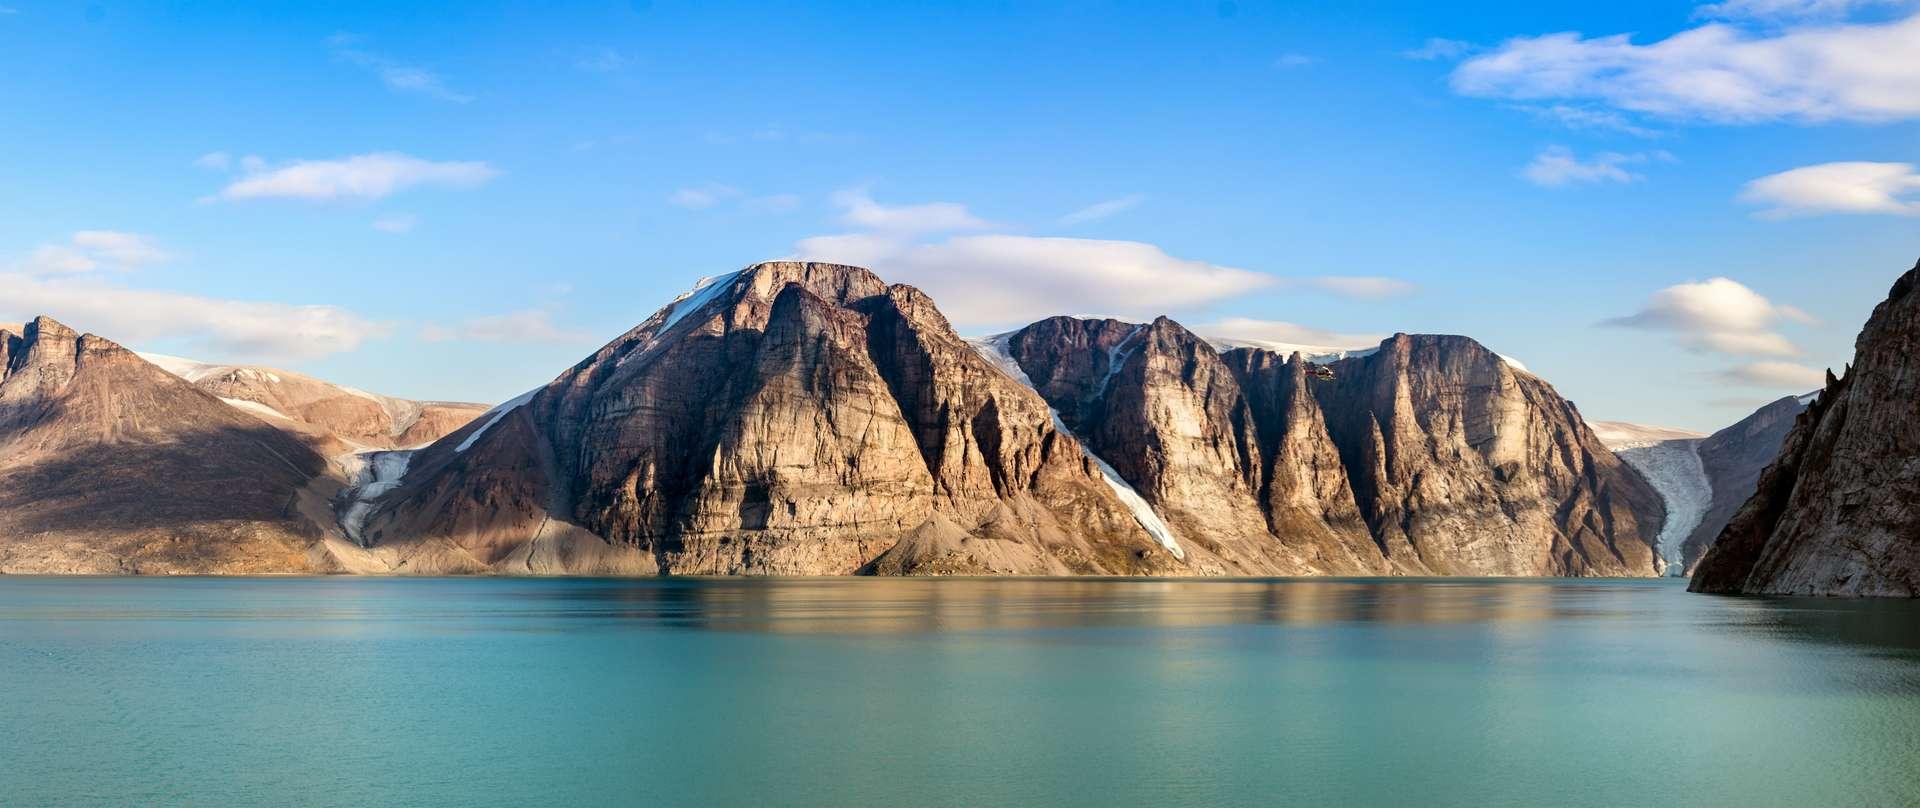 L'île de Baffin est la plus grande île du Canada. Elle se situe dans l'archipel Arctique. © Ruben, Adobe Stock